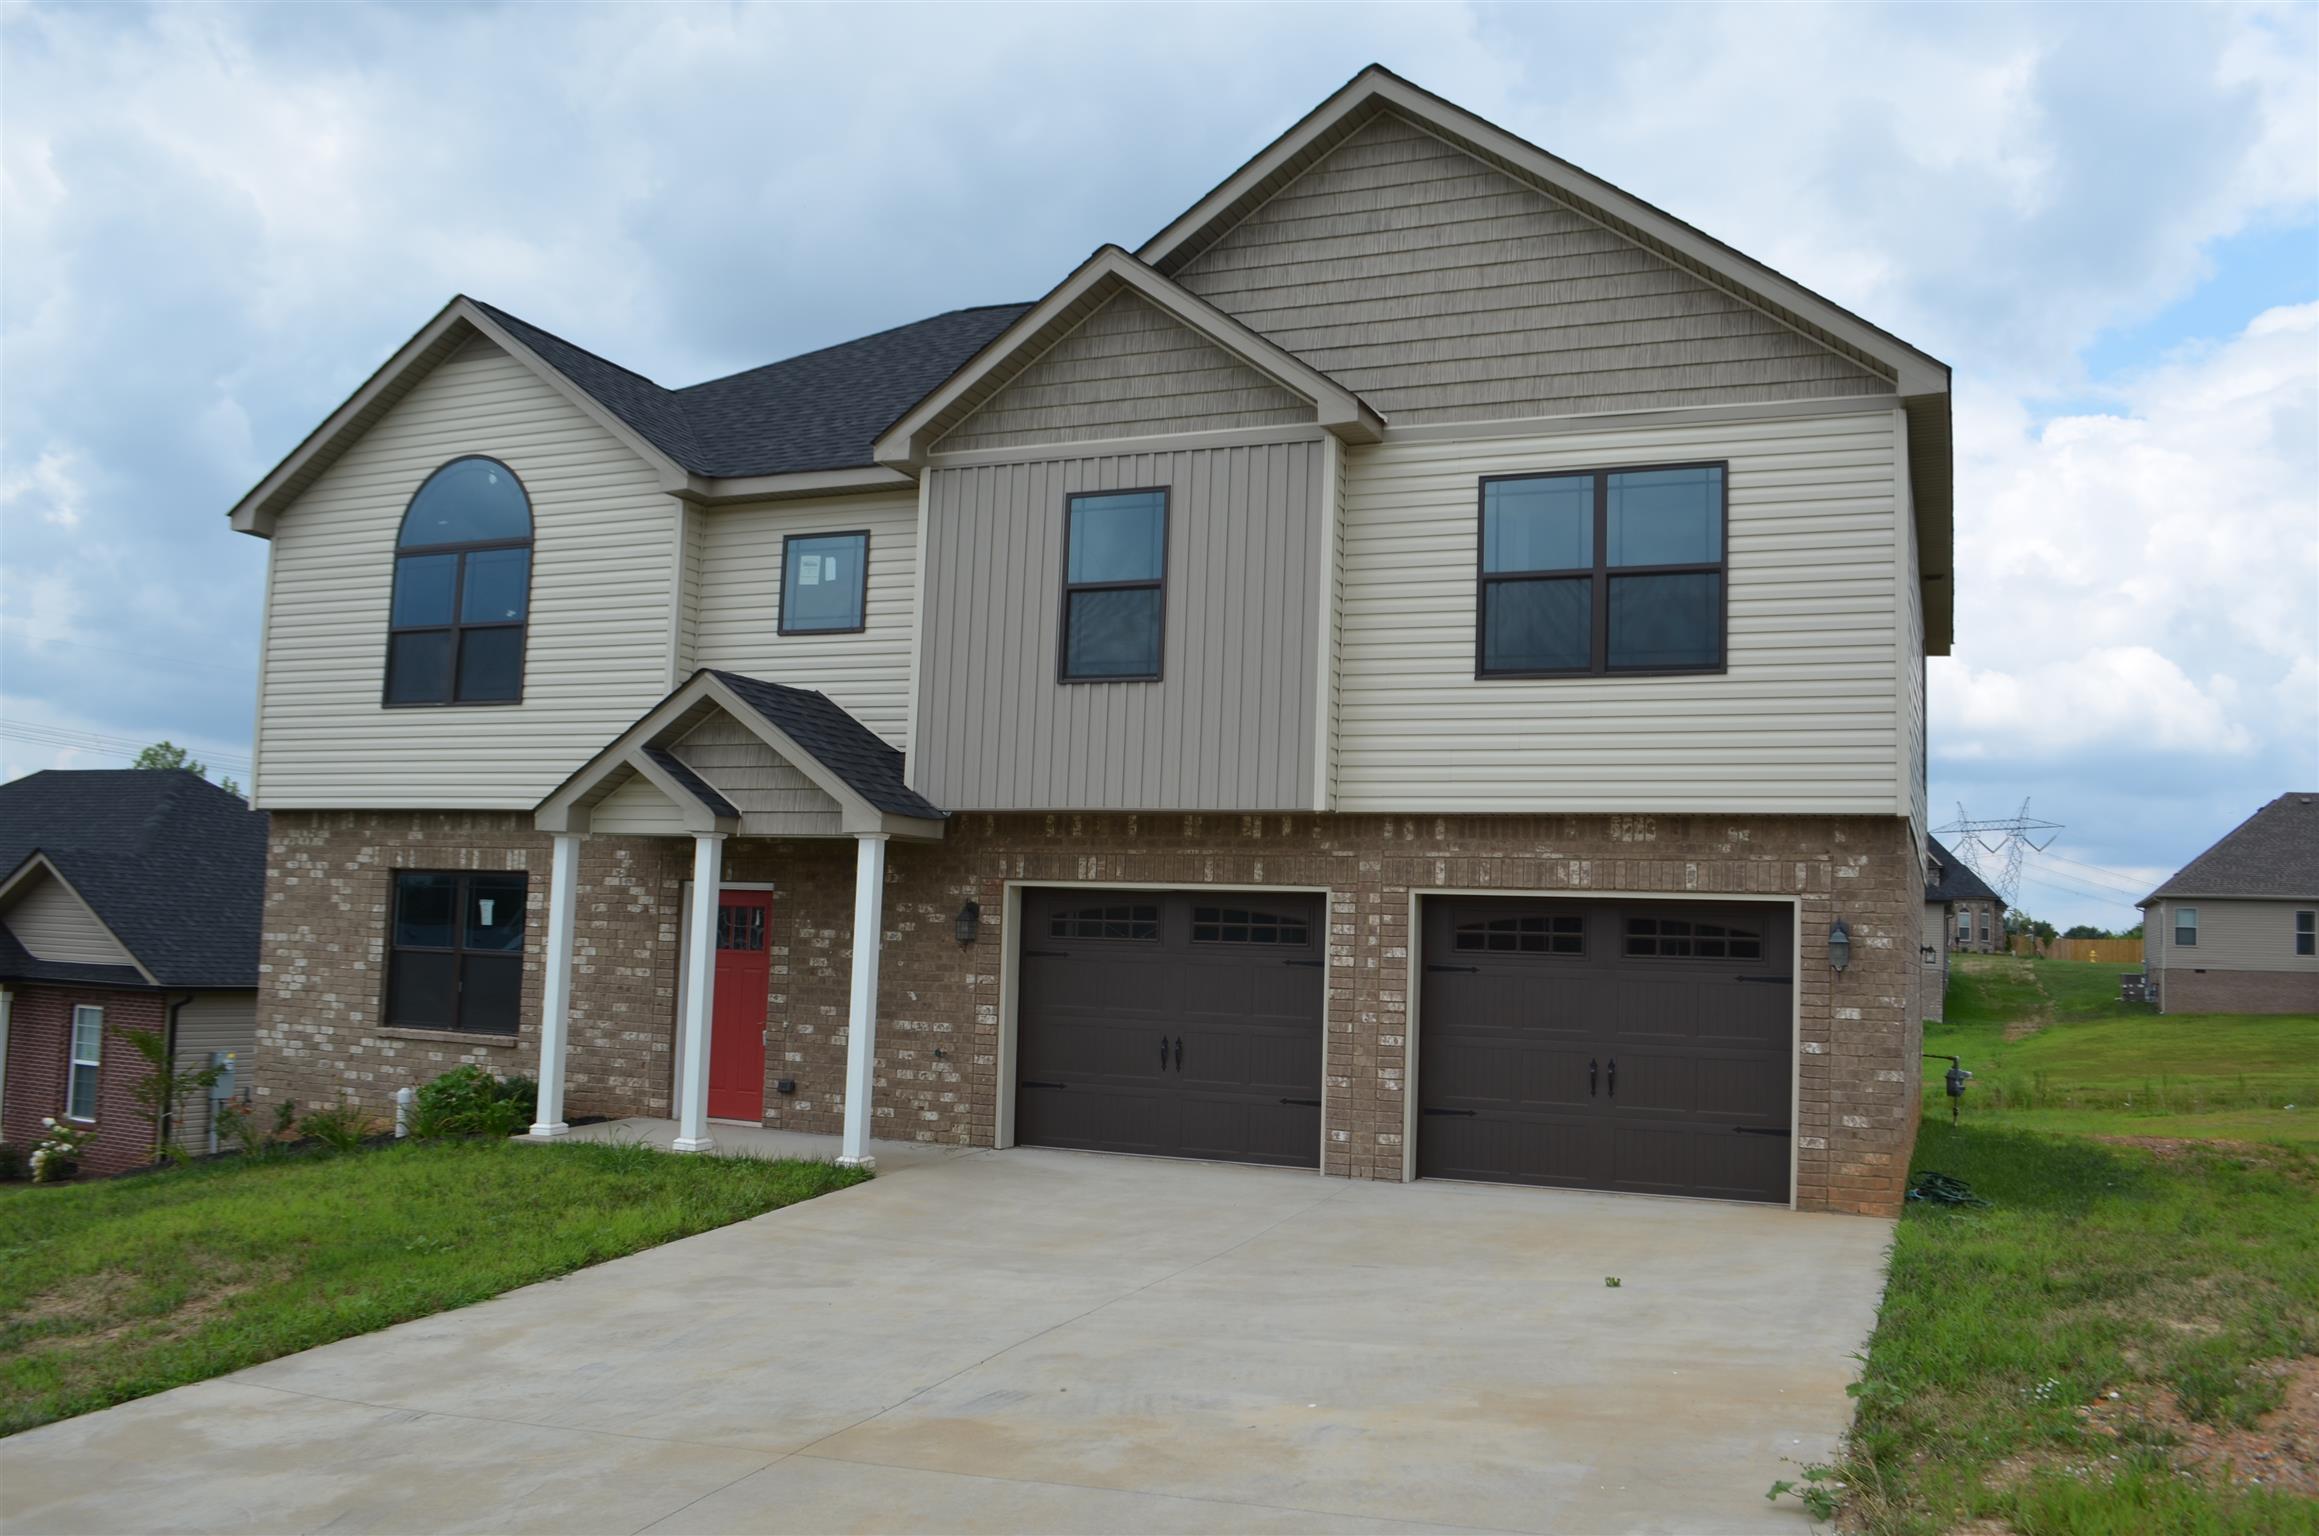 660 Superior Ln, Clarksville, Tennessee